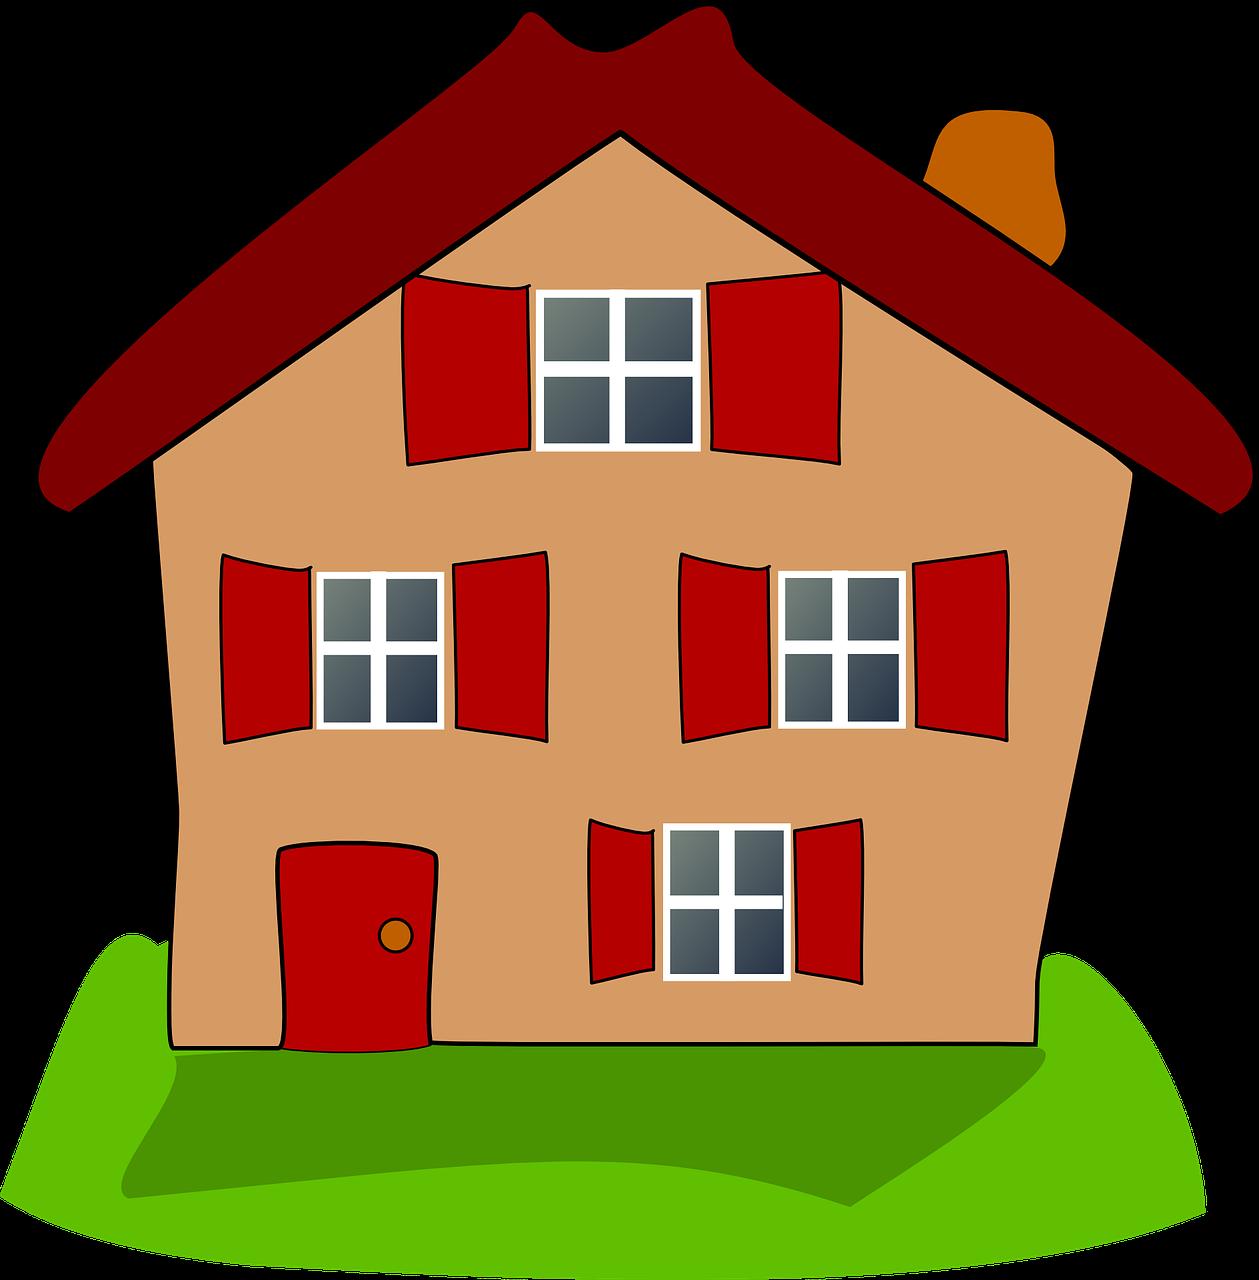 Картинка для детей дома на прозрачном фоне